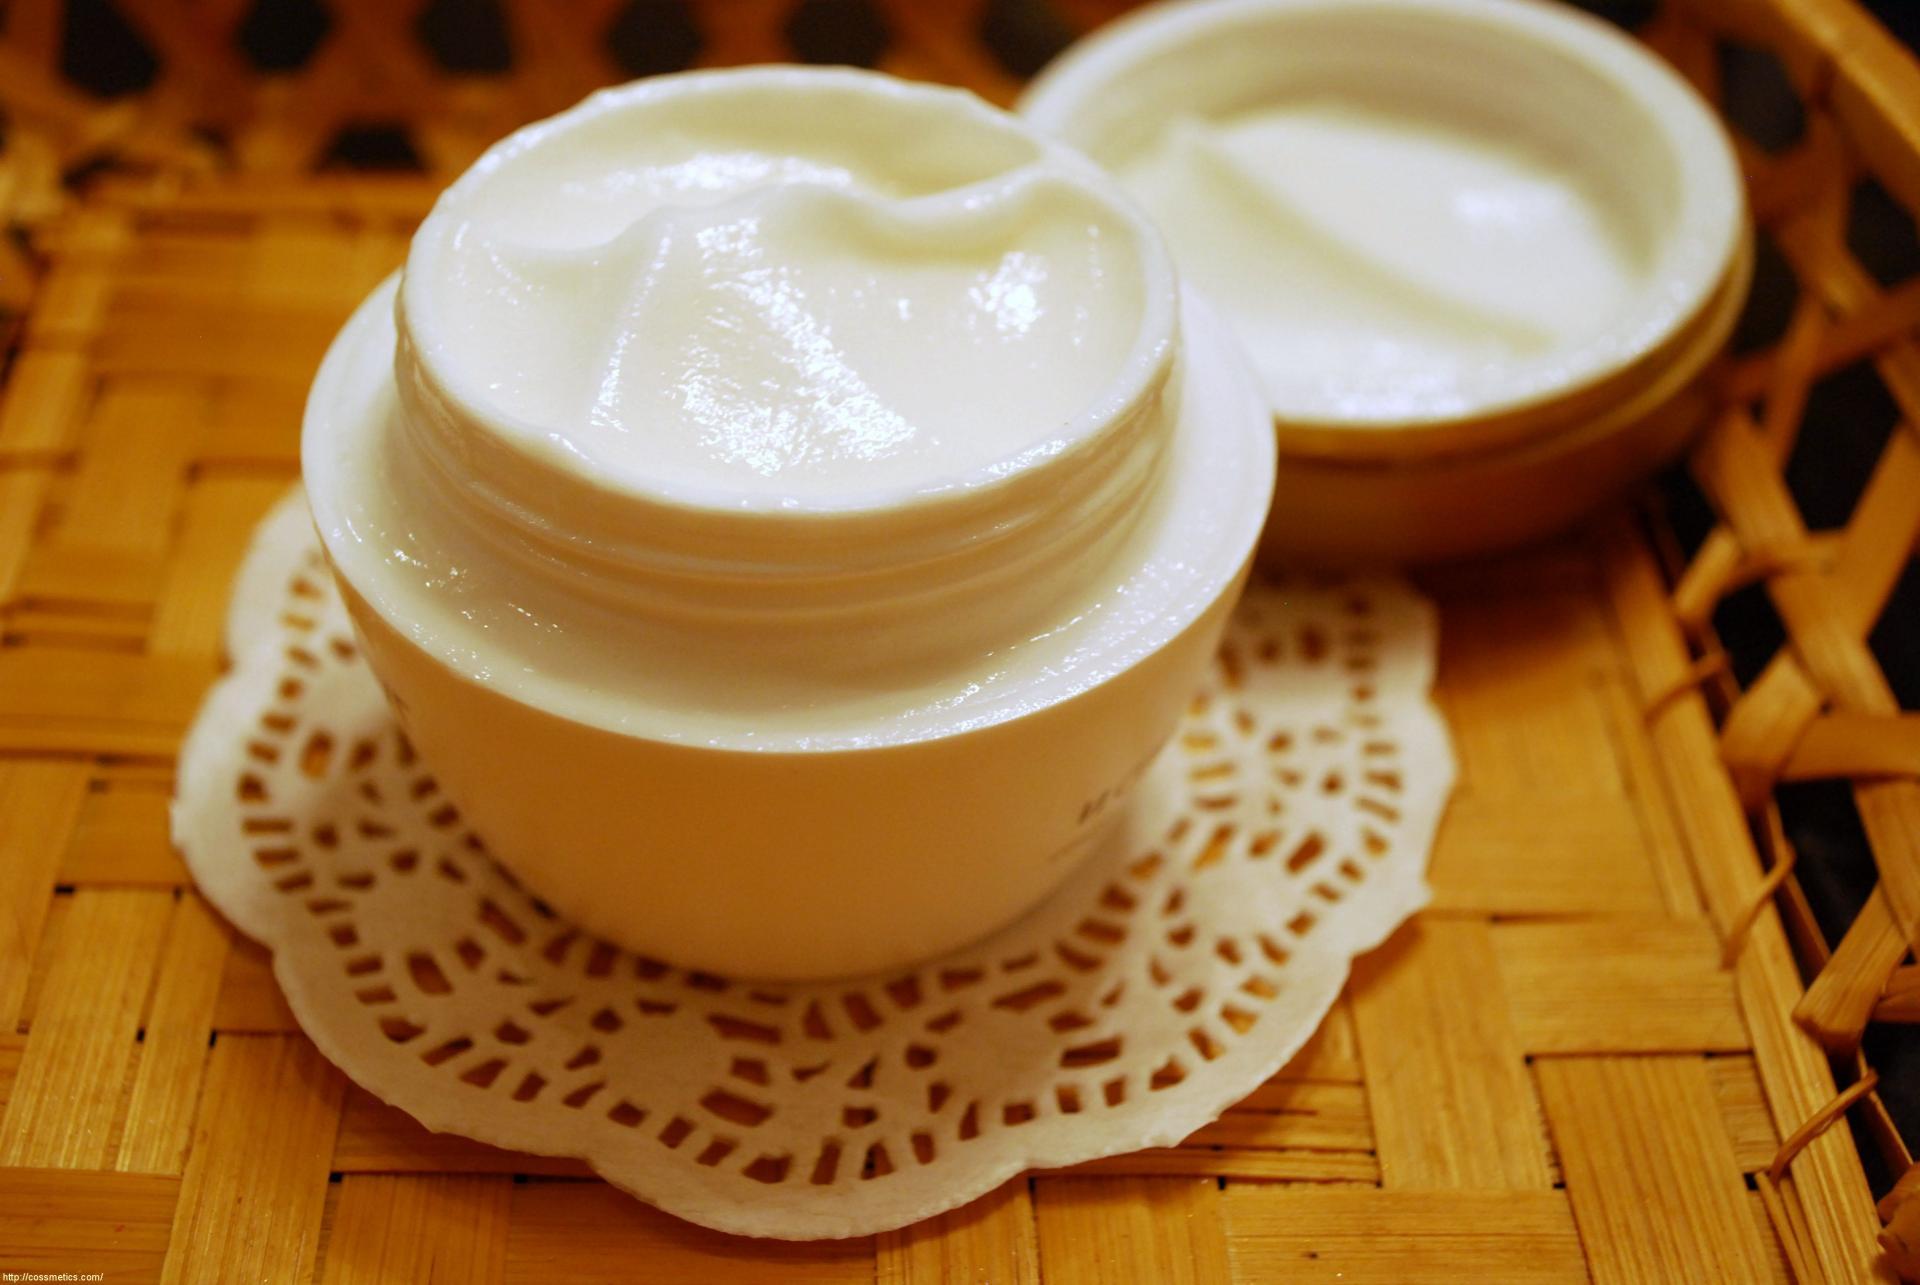 Рецепты приготовления эффективных кремов для лица в домашних условиях от морщин после 50 лет